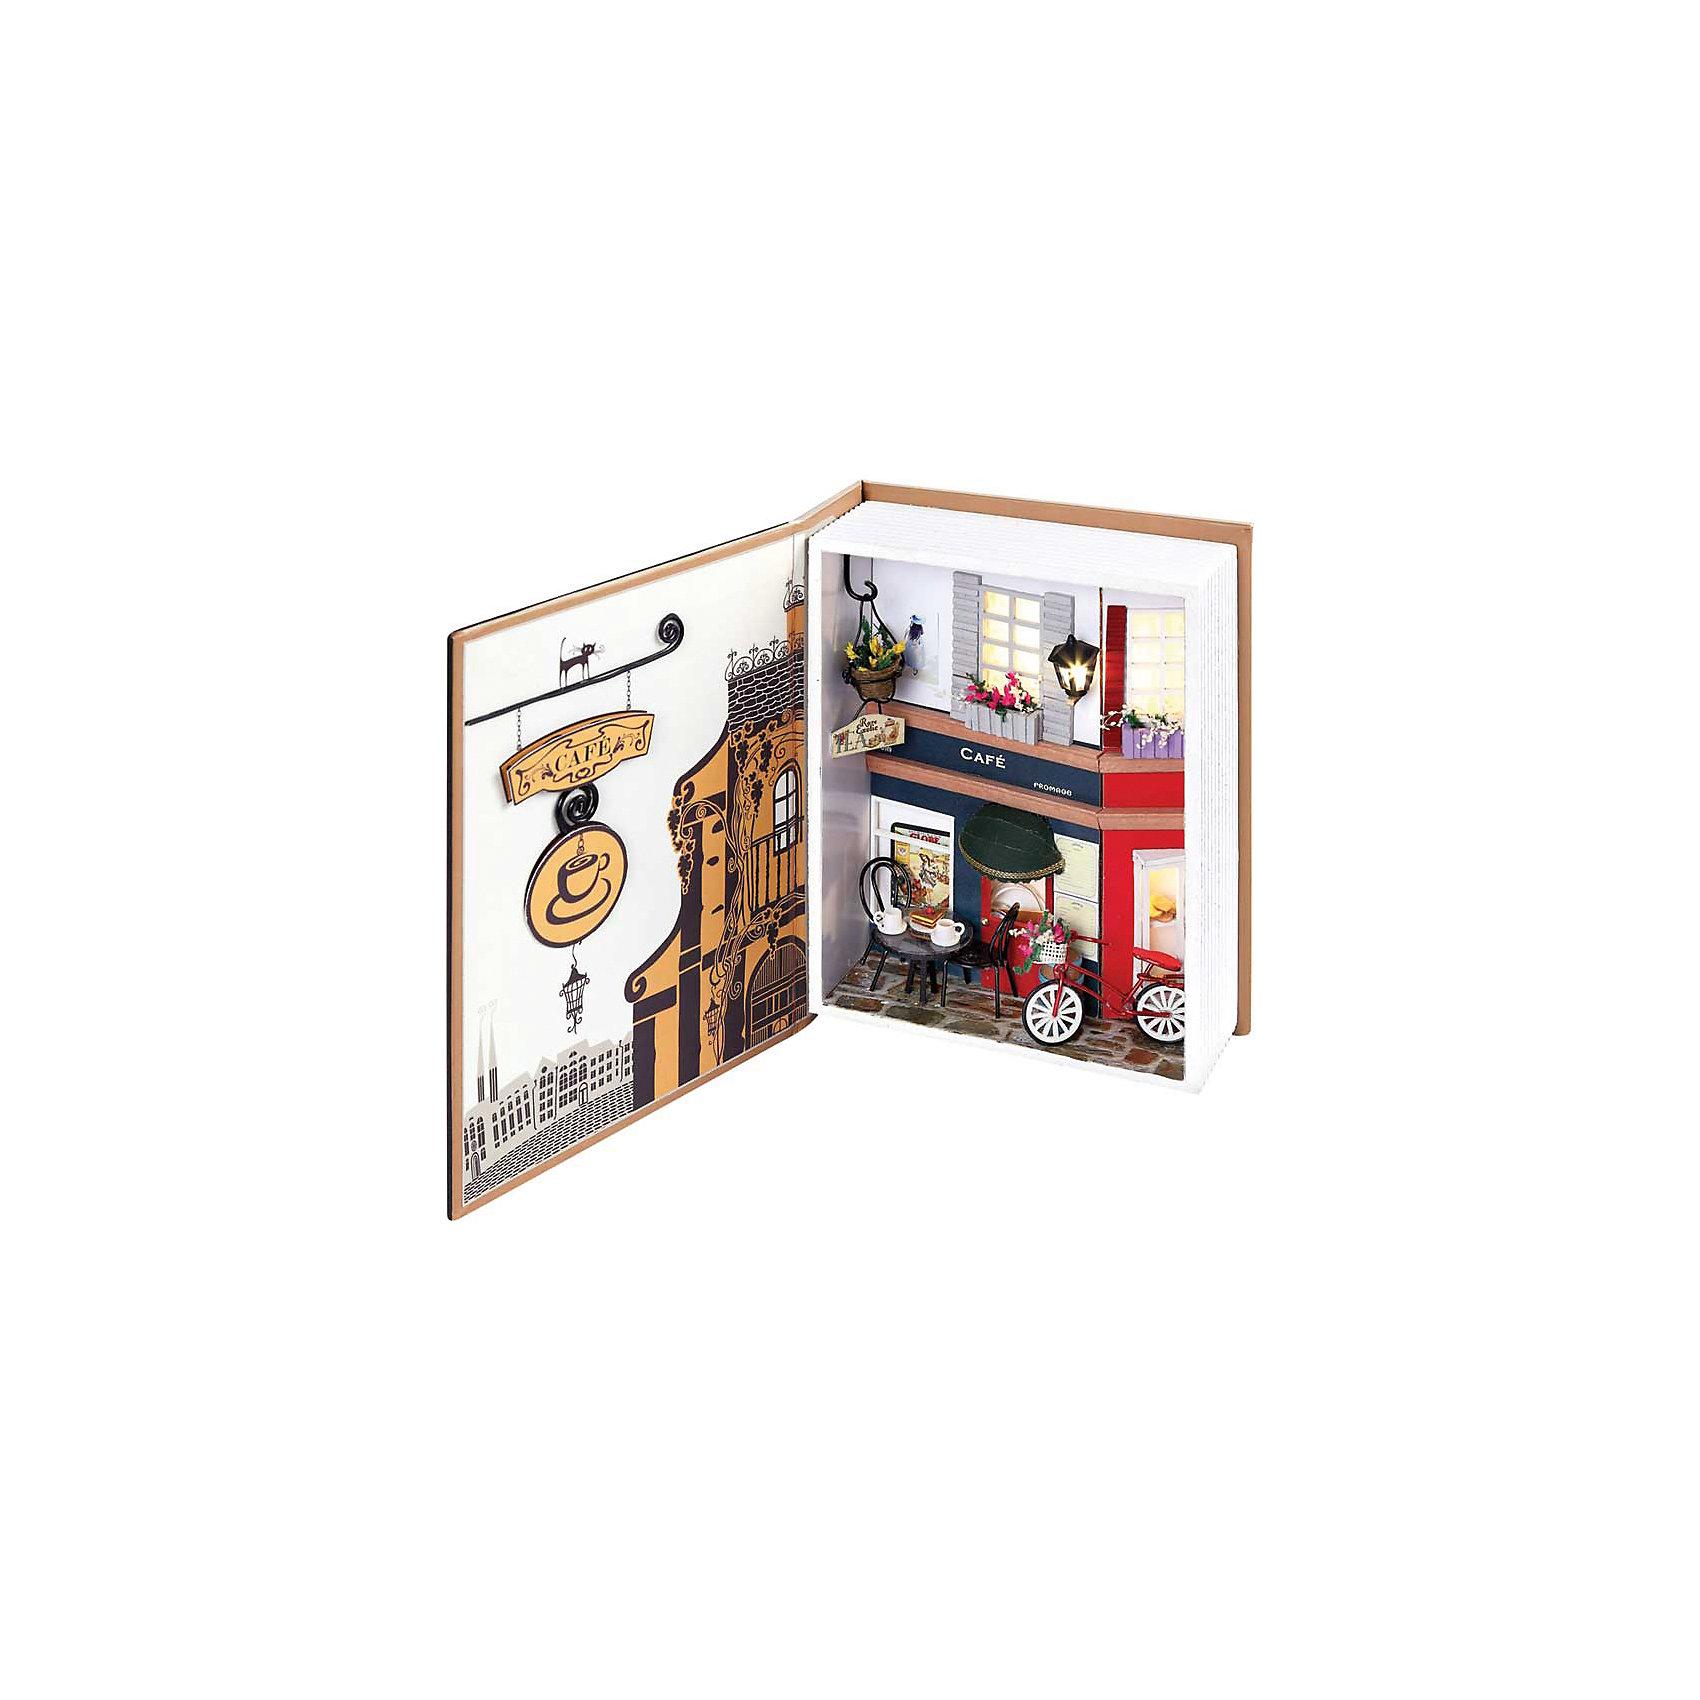 Набор для создания миниатюры Пражское кафеНабор для создания миниатюры Пражское кафе, Белоснежка.<br><br>Характеристики:<br><br>• содержит всё необходимое для создания миниатюры <br>• оригинальный дизайн: книжка-коробочка<br>• в комплекте: основа для миниатюры, клей, ножницы, пинцет, детали интерьера, диодное освещение, пошаговая инструкция. <br>• размер: 15х6х20 см<br><br>Скрапбукинг - интересное и увлекательное занятие. Вы можете создавать красивые детали для украшения интерьера своими руками. Набор Пражское кафе содержит всё необходимое для творчества: элементы декора, мебель, велосипед и даже фонарик никого не оставят равнодушными. Удобные инструменты и пошаговая инструкция помогут не ошибиться в процессе творчества. Все детали разложены в отдельные пакеты. Готовую книгу можно хранить как в открытом, так и в закрытом виде. Готовую миниатюру можно преподнести в подарок или украсить ею свой комнату.<br><br>Набор для создания миниатюры Пражское кафе вы можете купить в нашем интернет-магазине.<br><br>Ширина мм: 200<br>Глубина мм: 150<br>Высота мм: 60<br>Вес г: 669<br>Возраст от месяцев: 72<br>Возраст до месяцев: 144<br>Пол: Женский<br>Возраст: Детский<br>SKU: 5089786